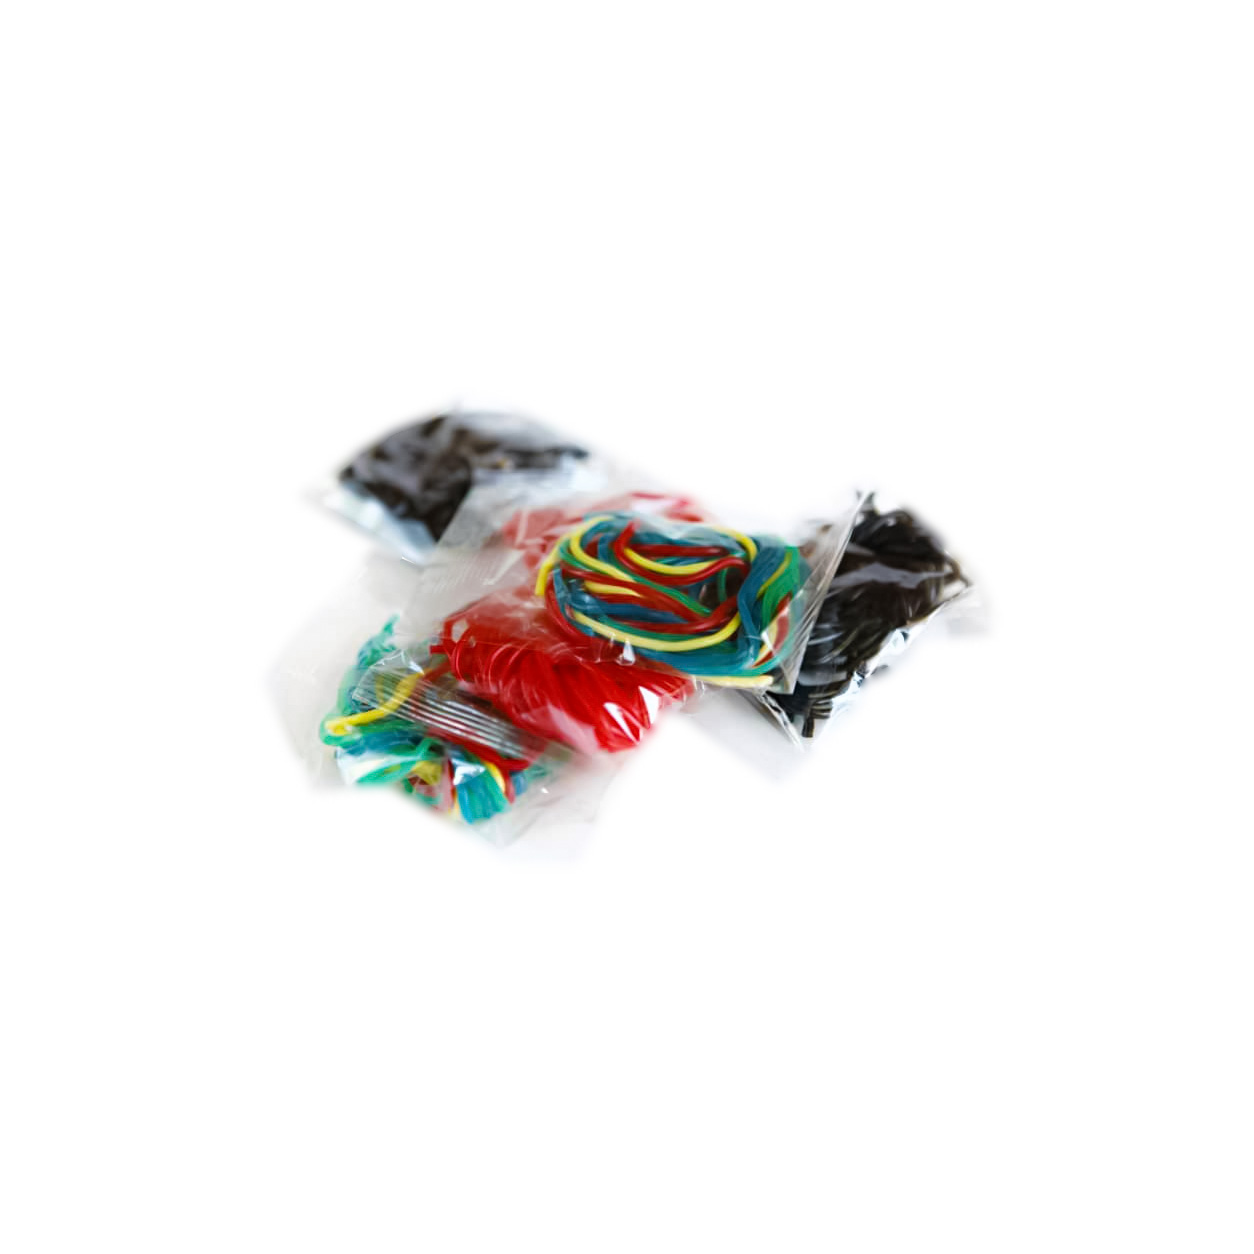 licorice laces